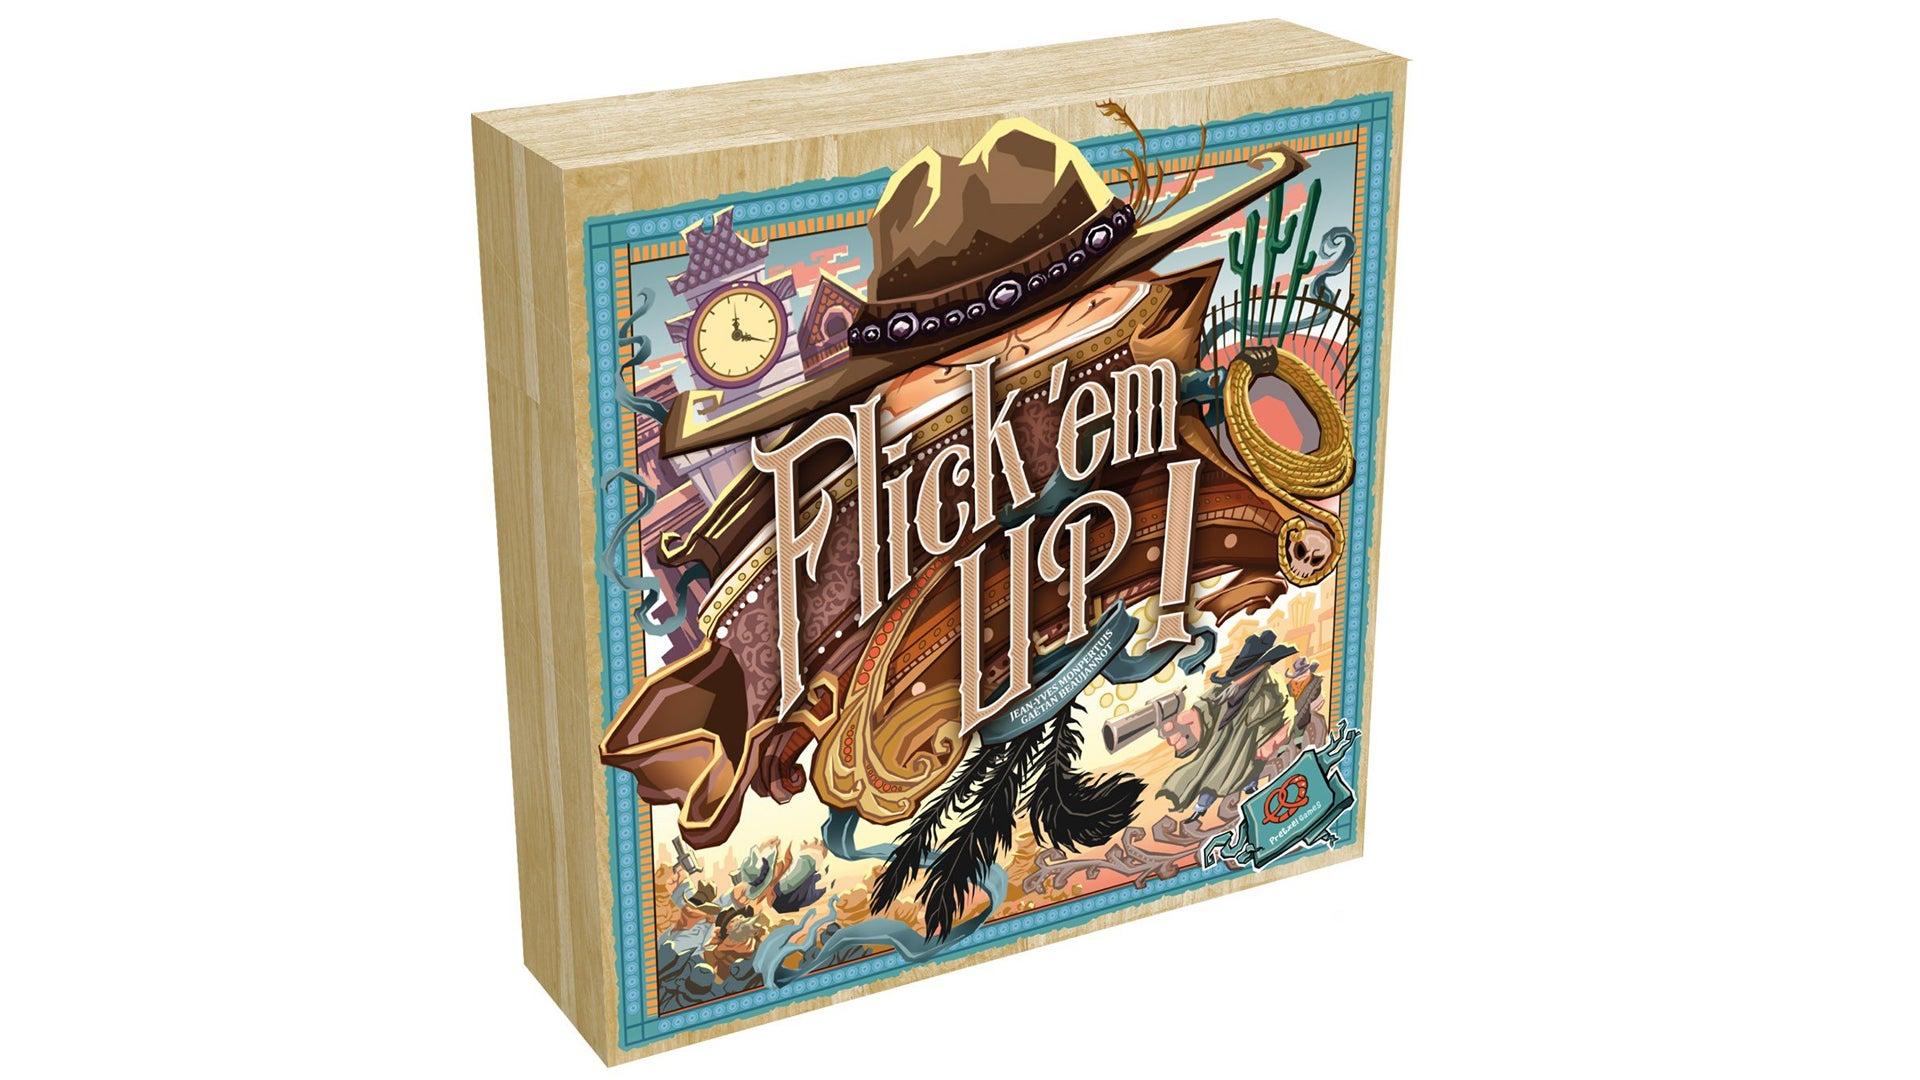 Flick em up board game artwork box